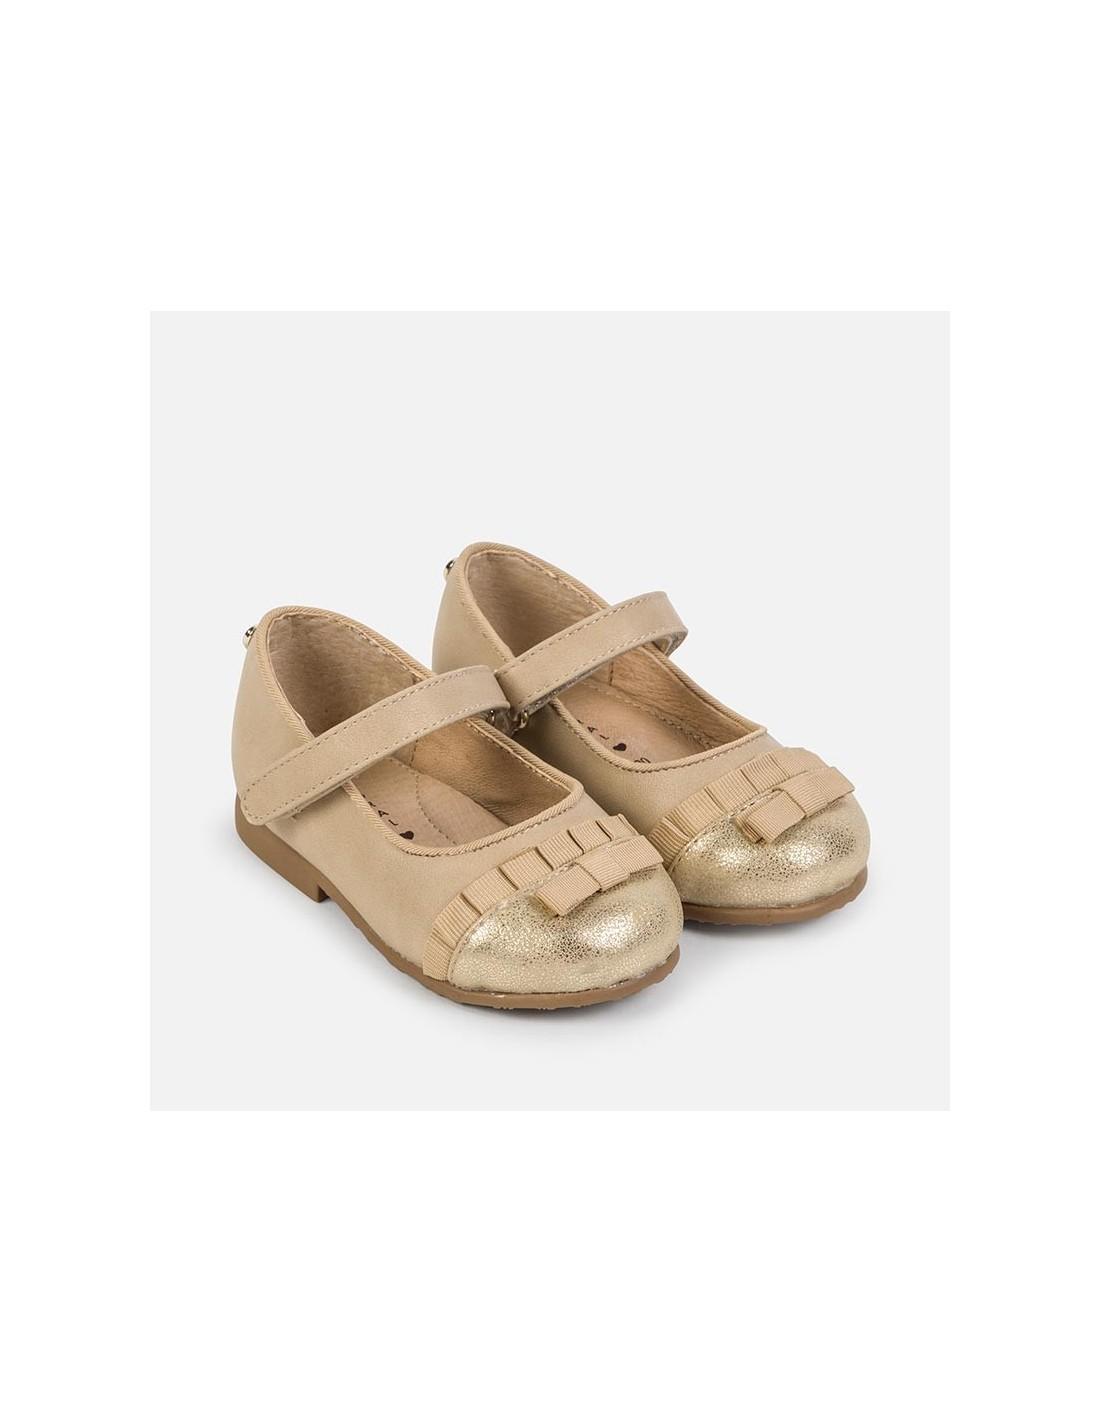 qualità superiore il prezzo rimane stabile gamma completa di specifiche Mayoral scarpe bimba ballerina in nappa beige con fiocco e cinturino art.  42706 - Angela Barba